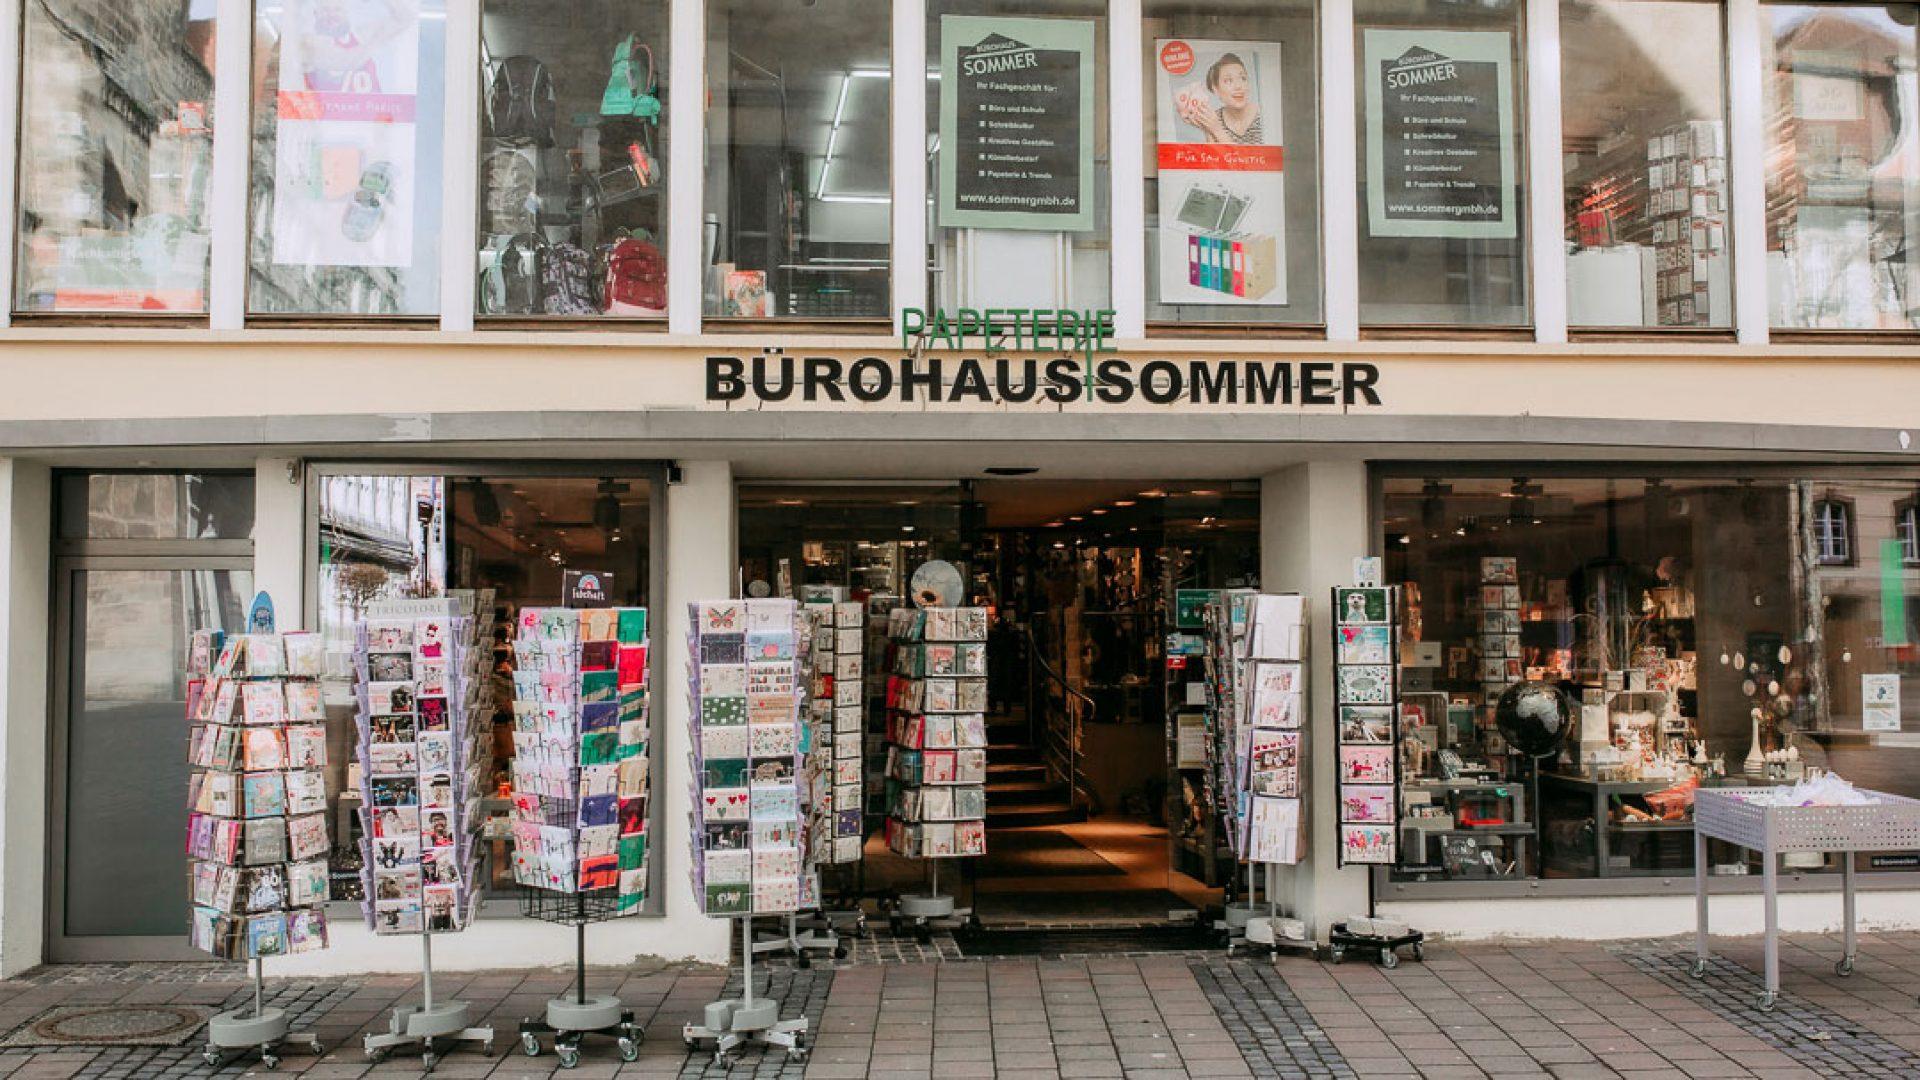 Einkaufen-in-Ansbach-Buerohaus-Sommer